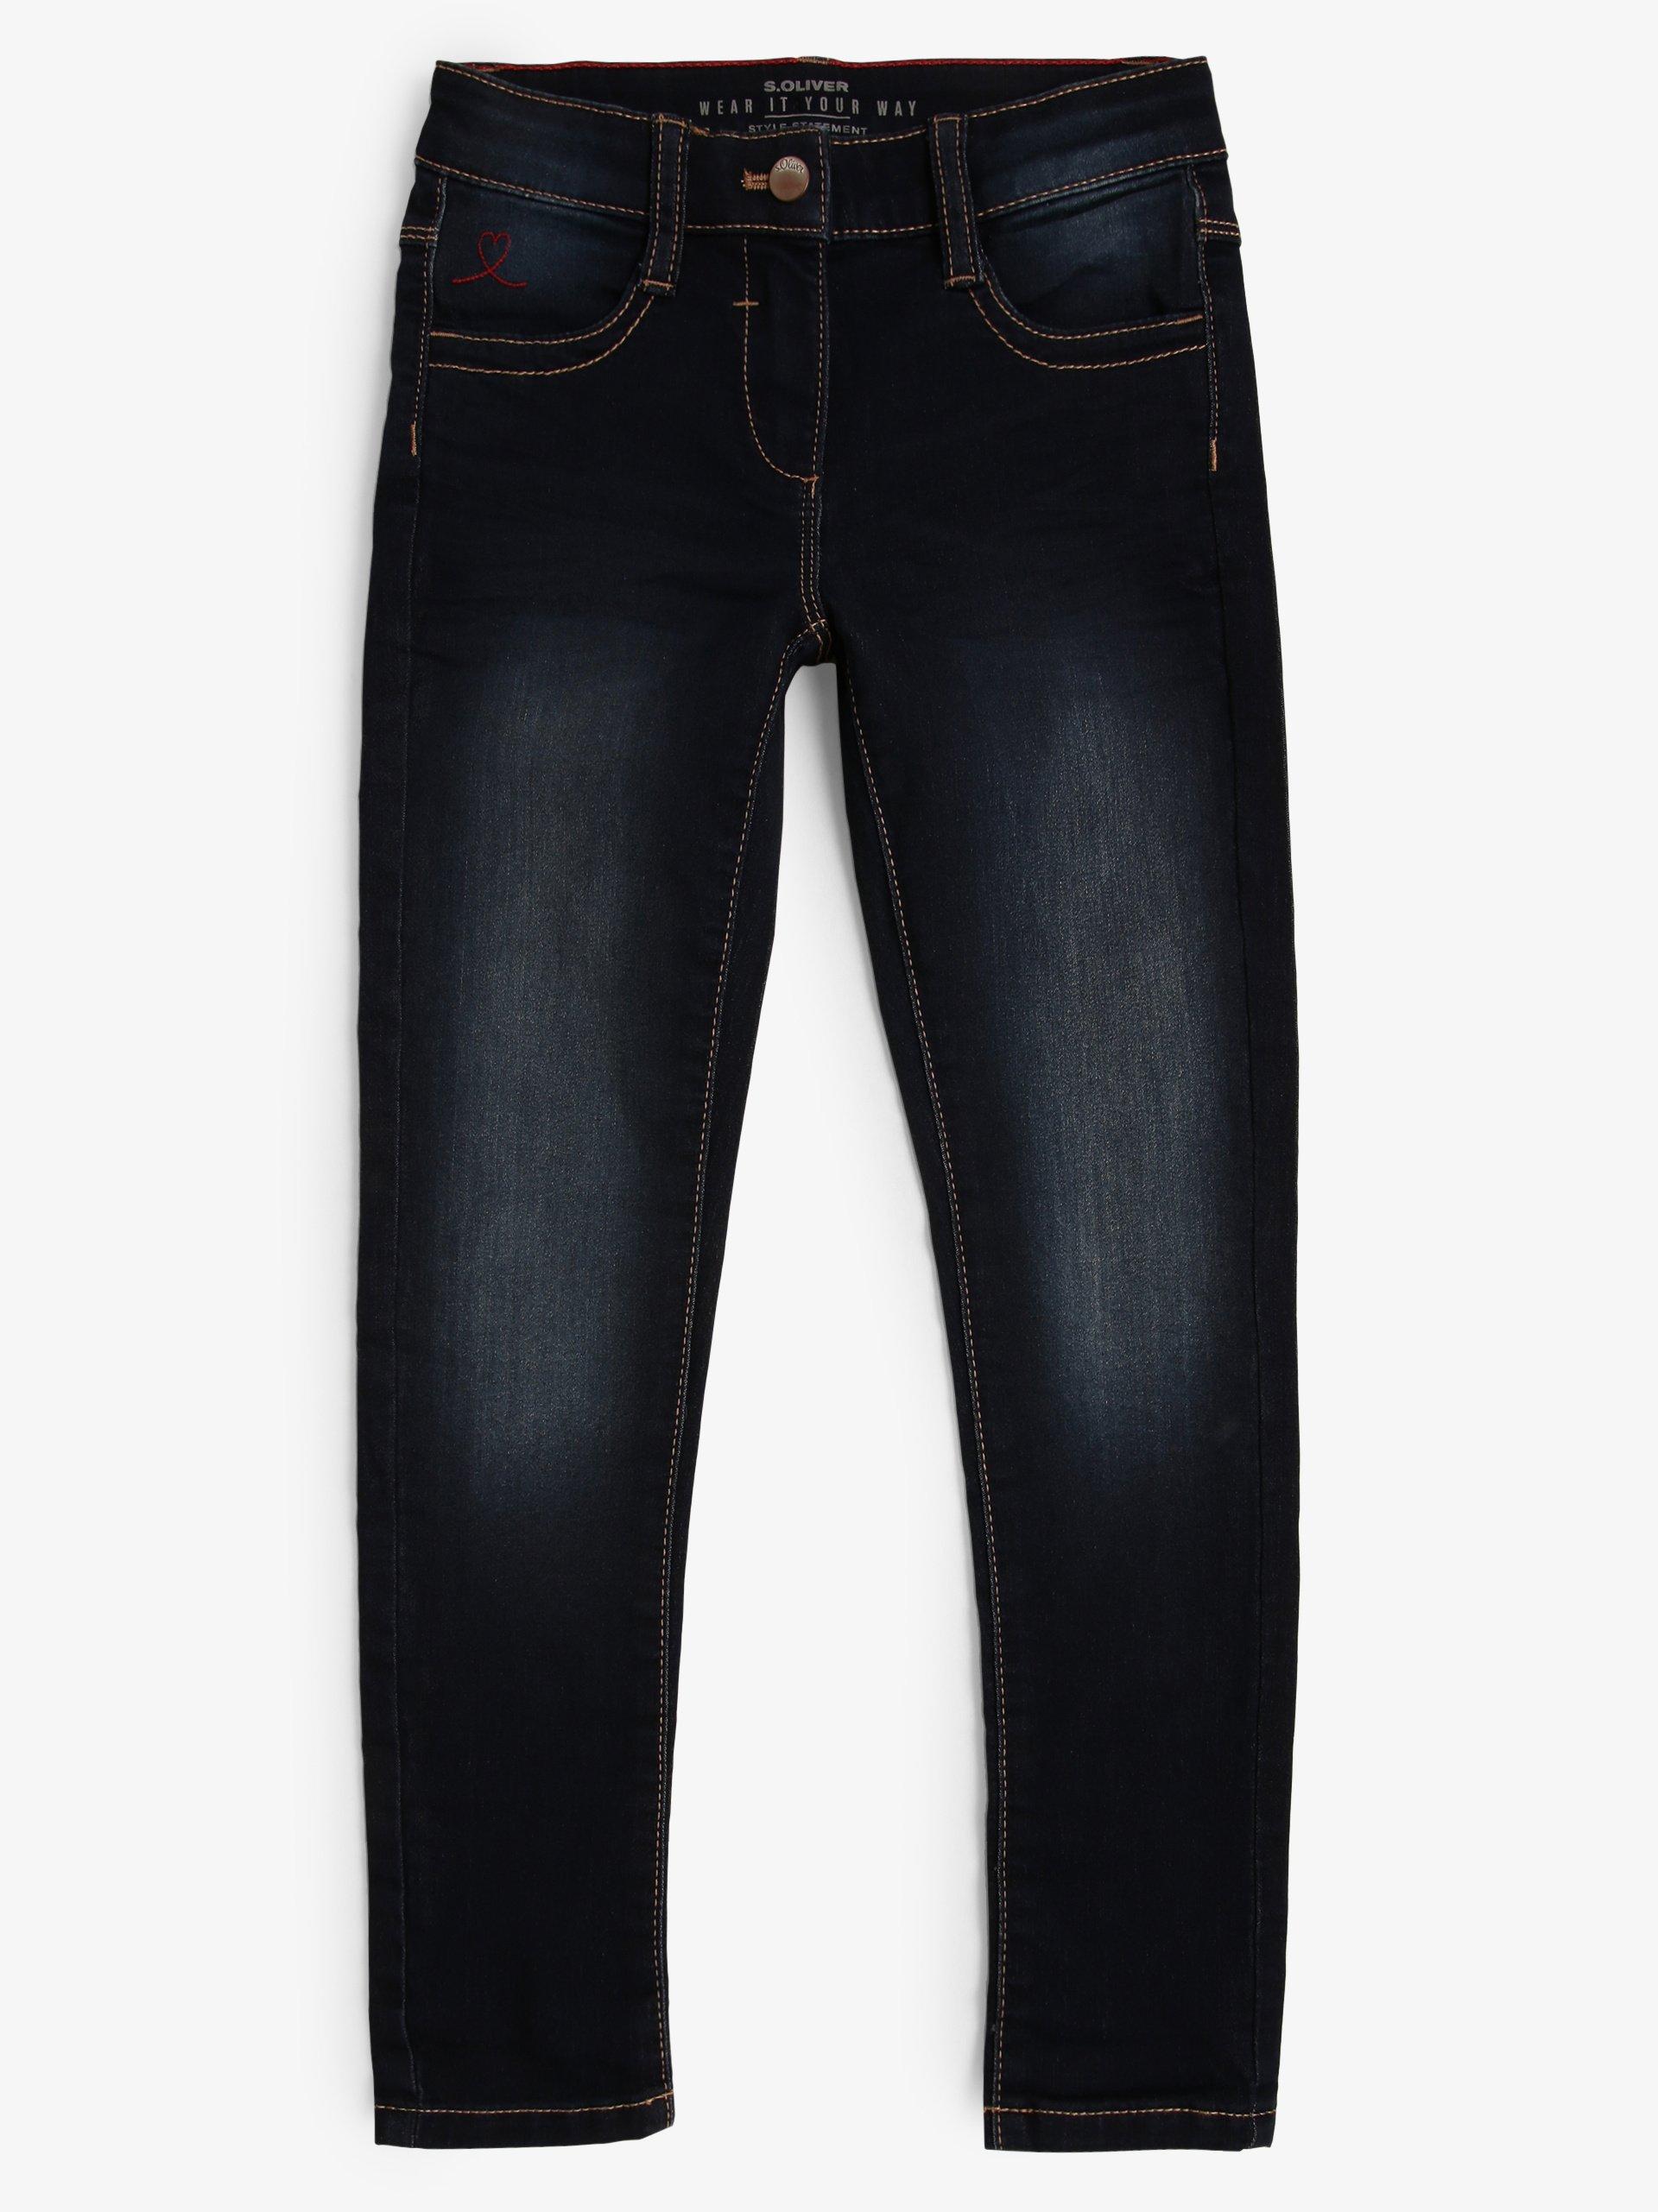 s.Oliver Mädchen Jeans Skinny Fit - Kathy